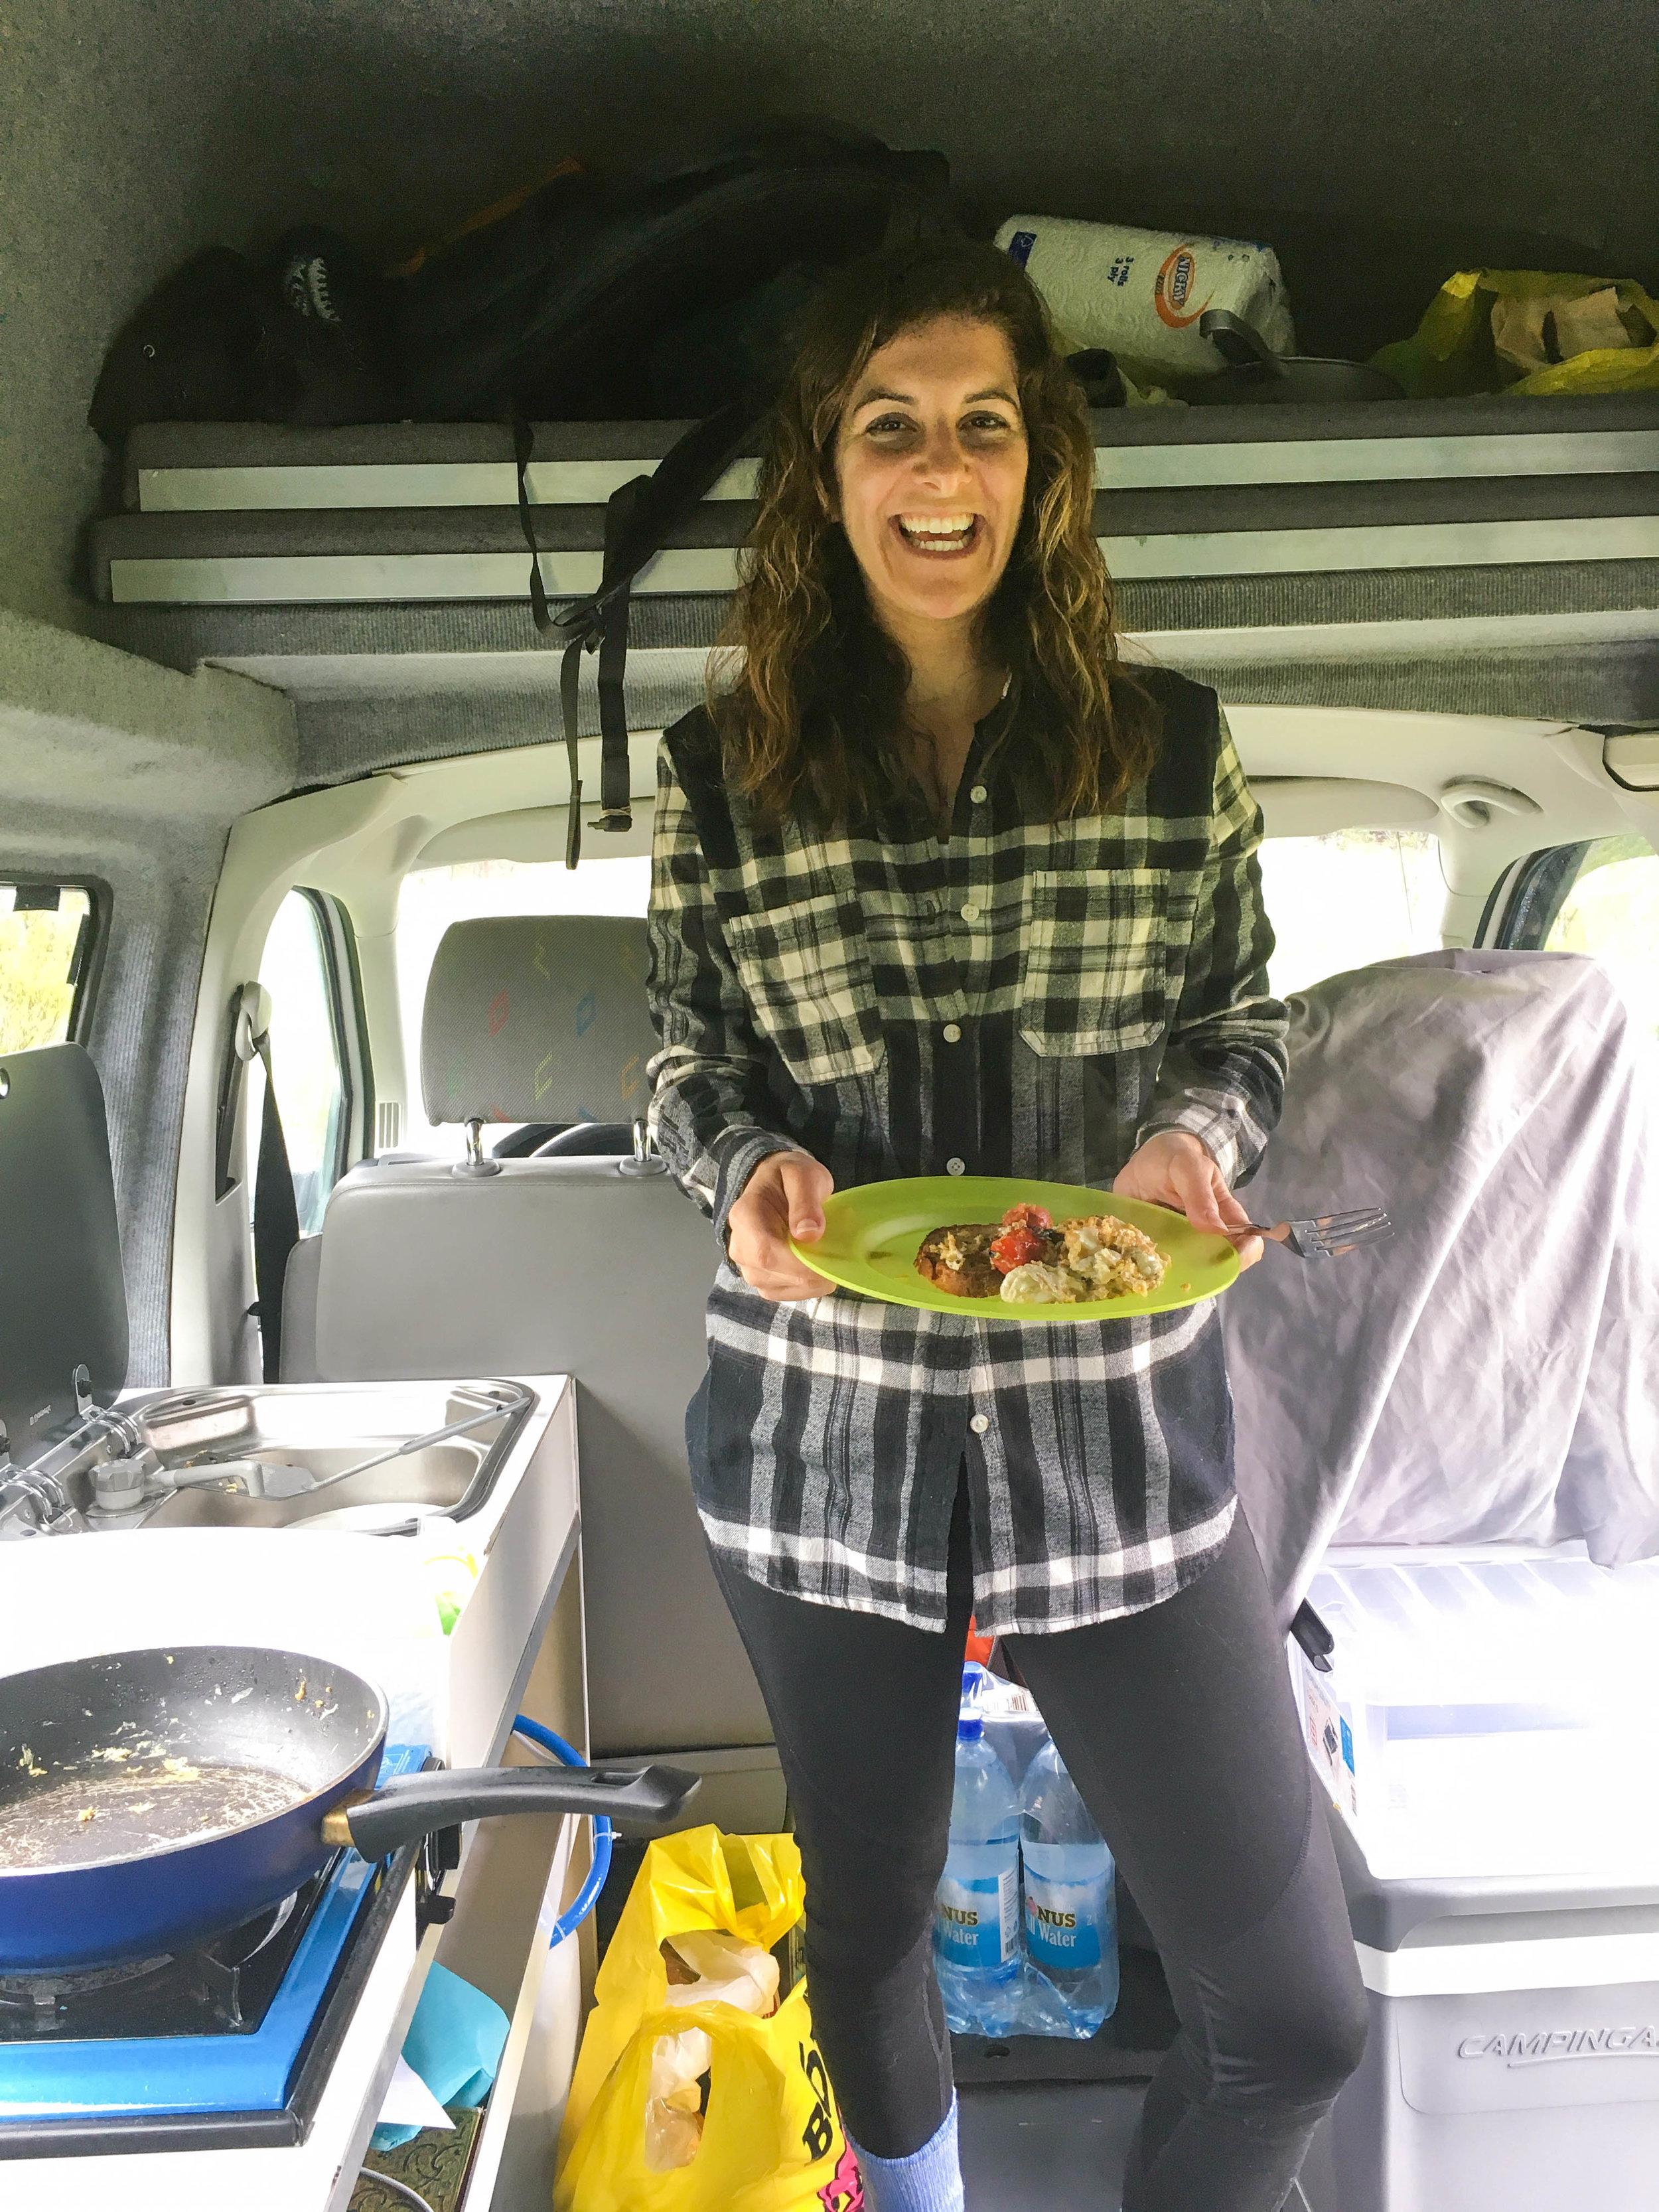 汽车汽车旅馆!吃鸡蛋和土豆吃鸡蛋?